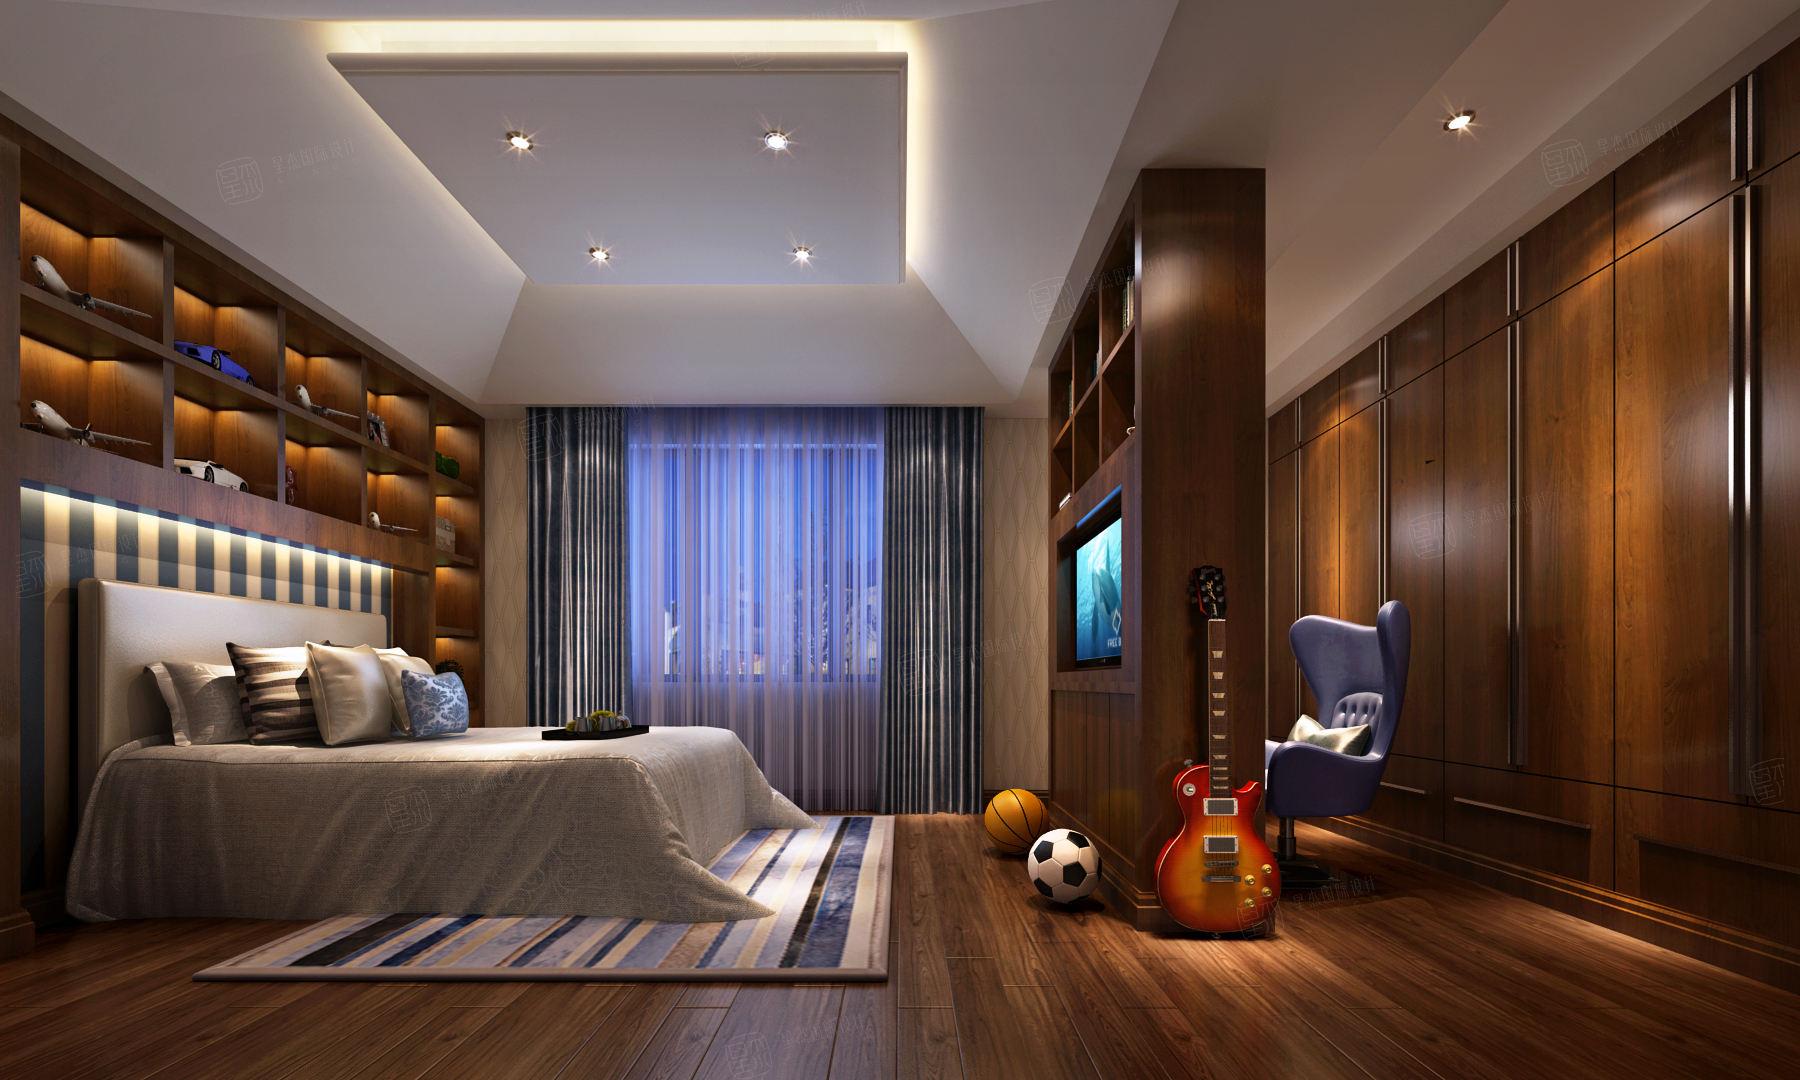 东方夏威夷 新中式装修卧室效果图